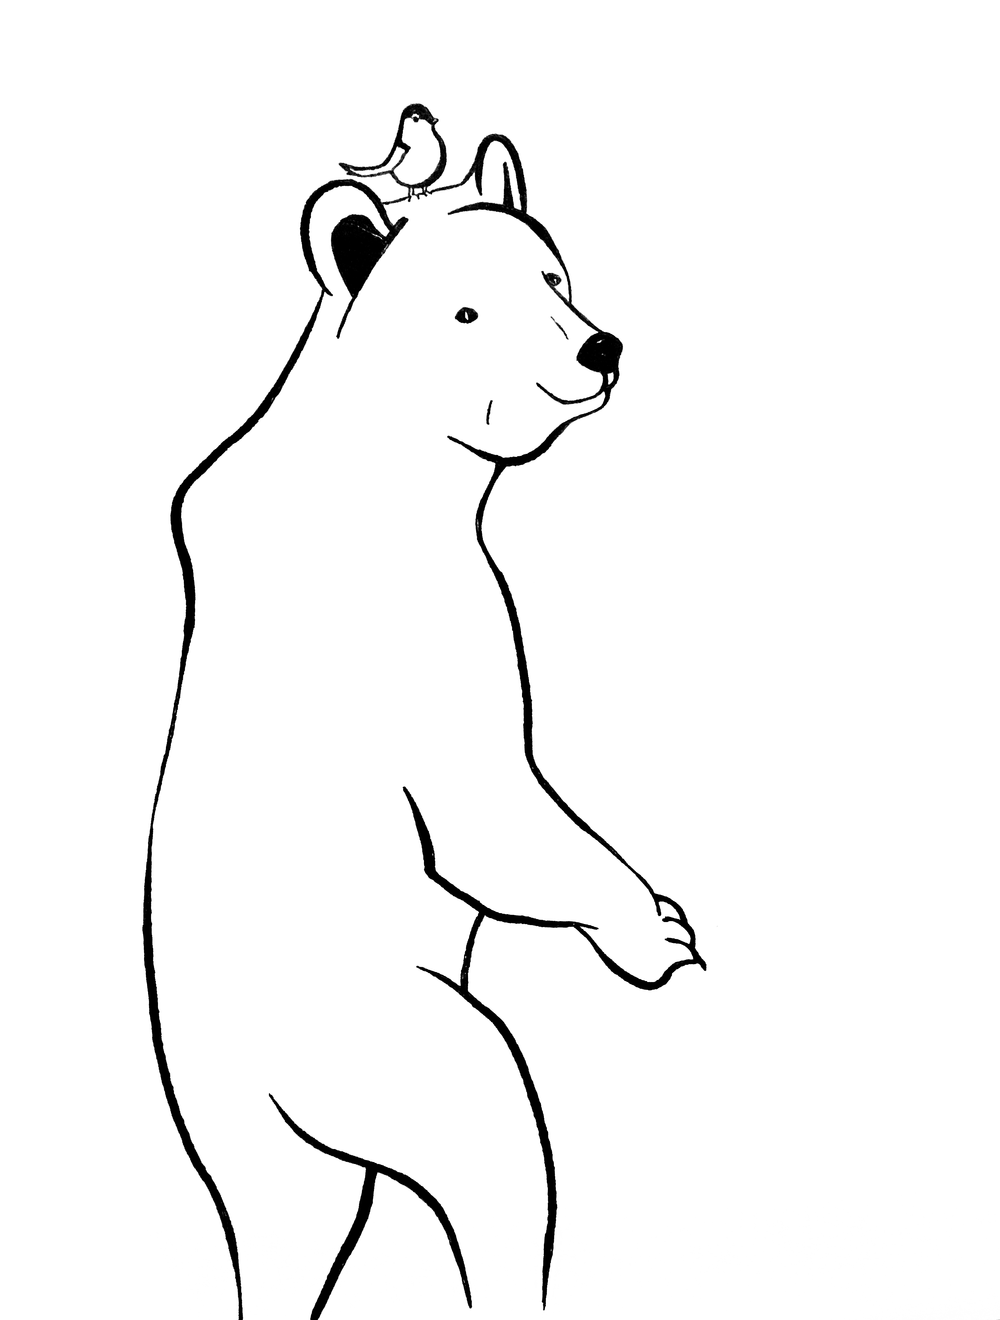 Karhu ja lintu.png